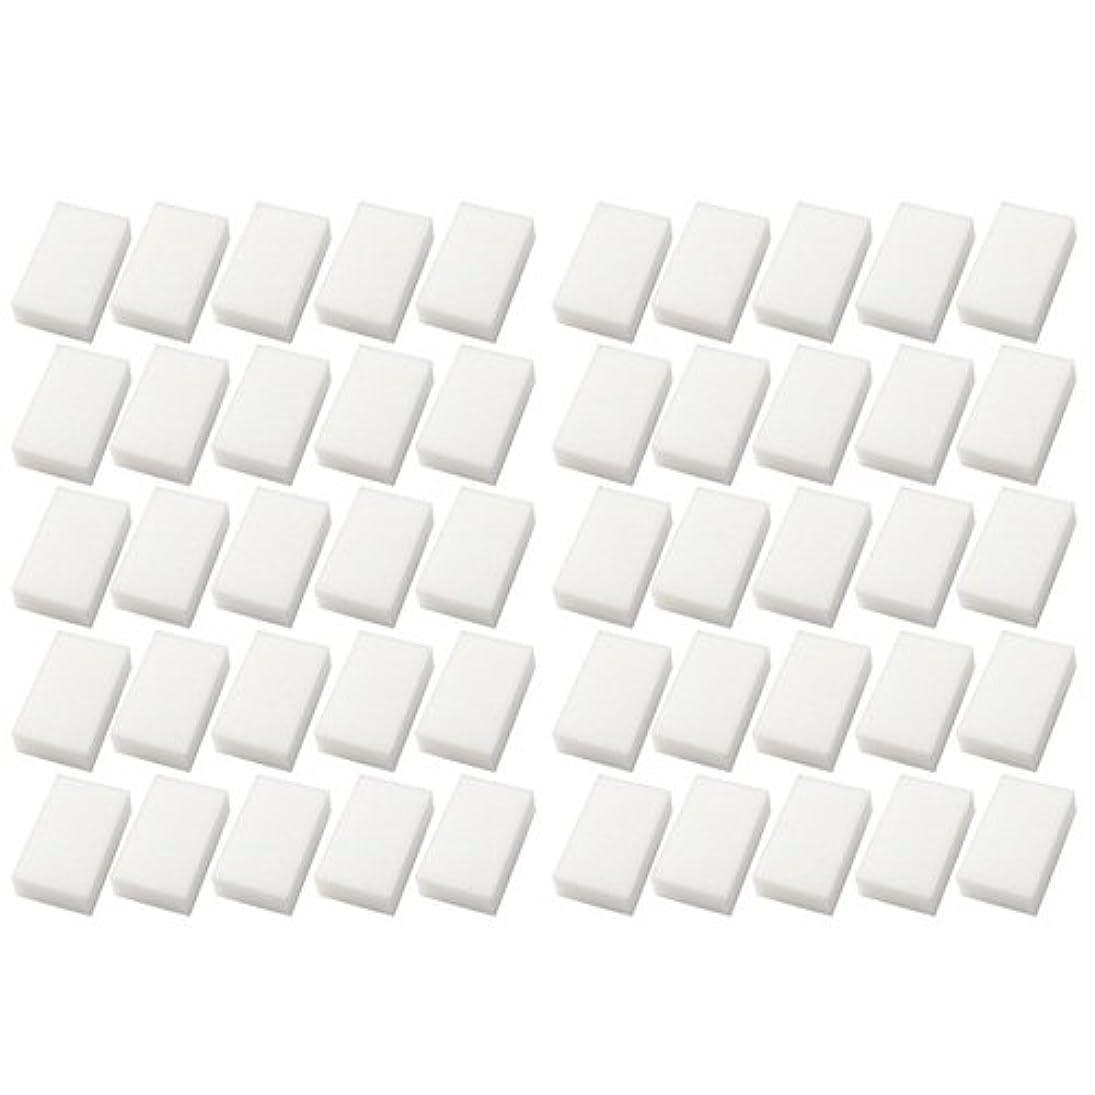 見分けるトレッド学期ホテルアメニティ 業務用 使い捨てスポンジ 圧縮ボディスポンジ 個包装タイプ 厚み 約25mm ×50個